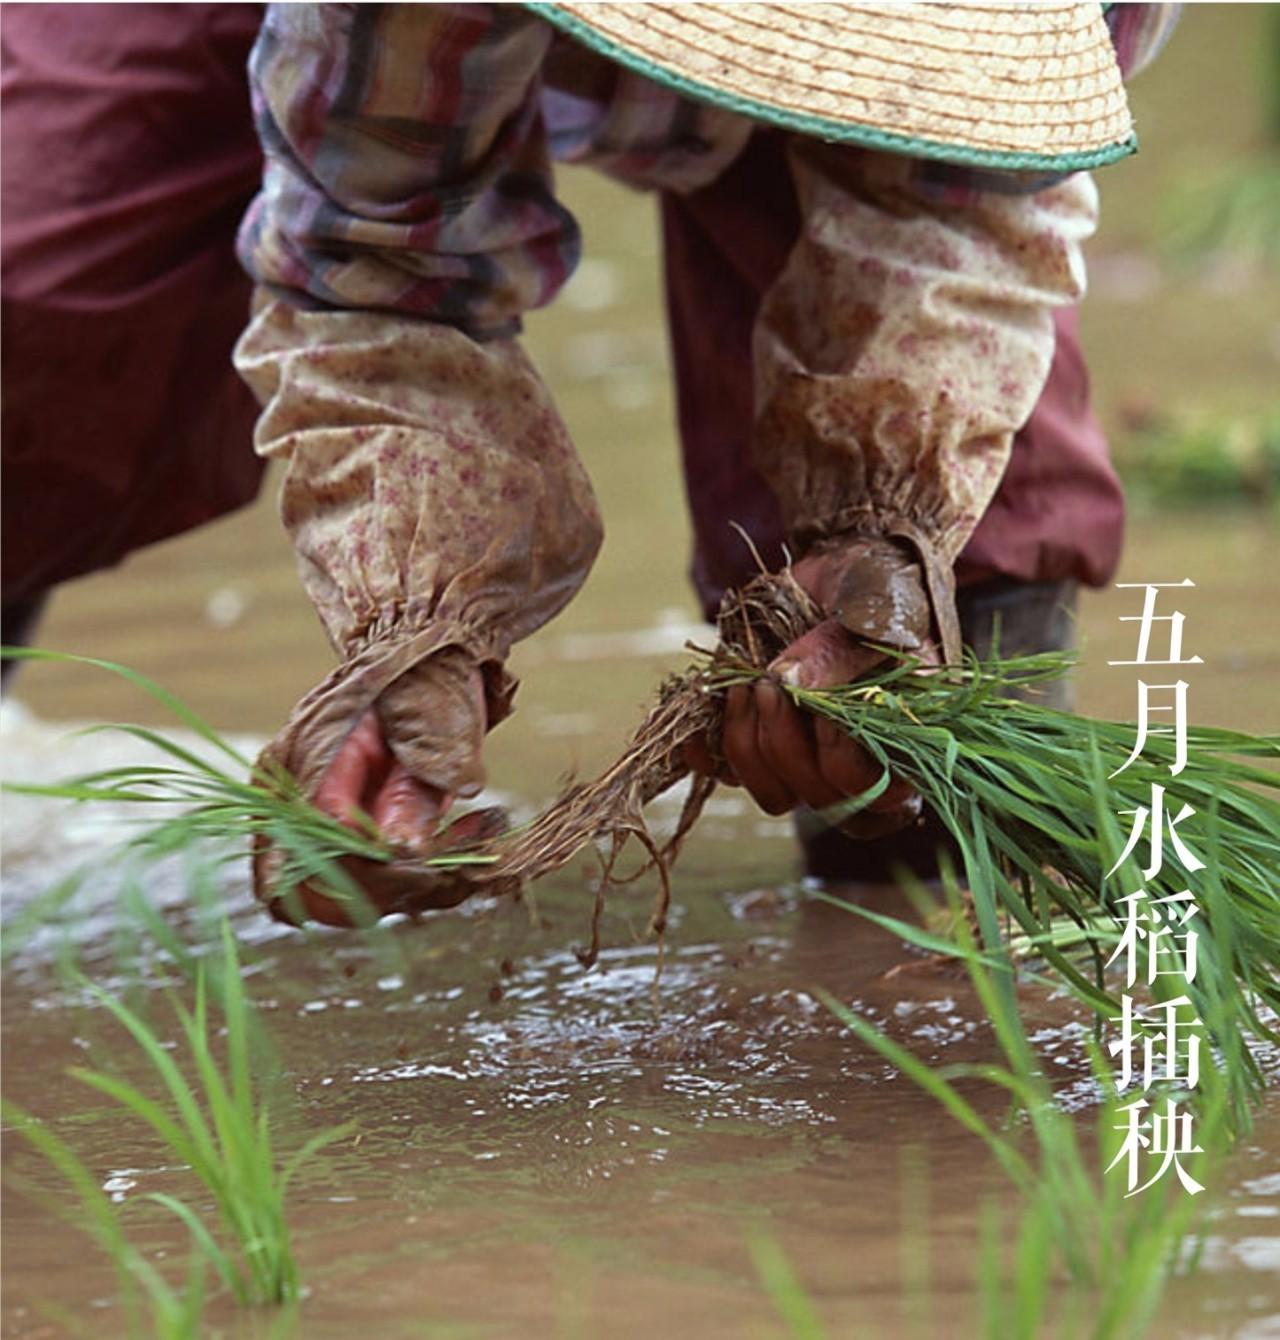 这个空口能吃三碗的大米,原来是跟螃蟹一起长大的~